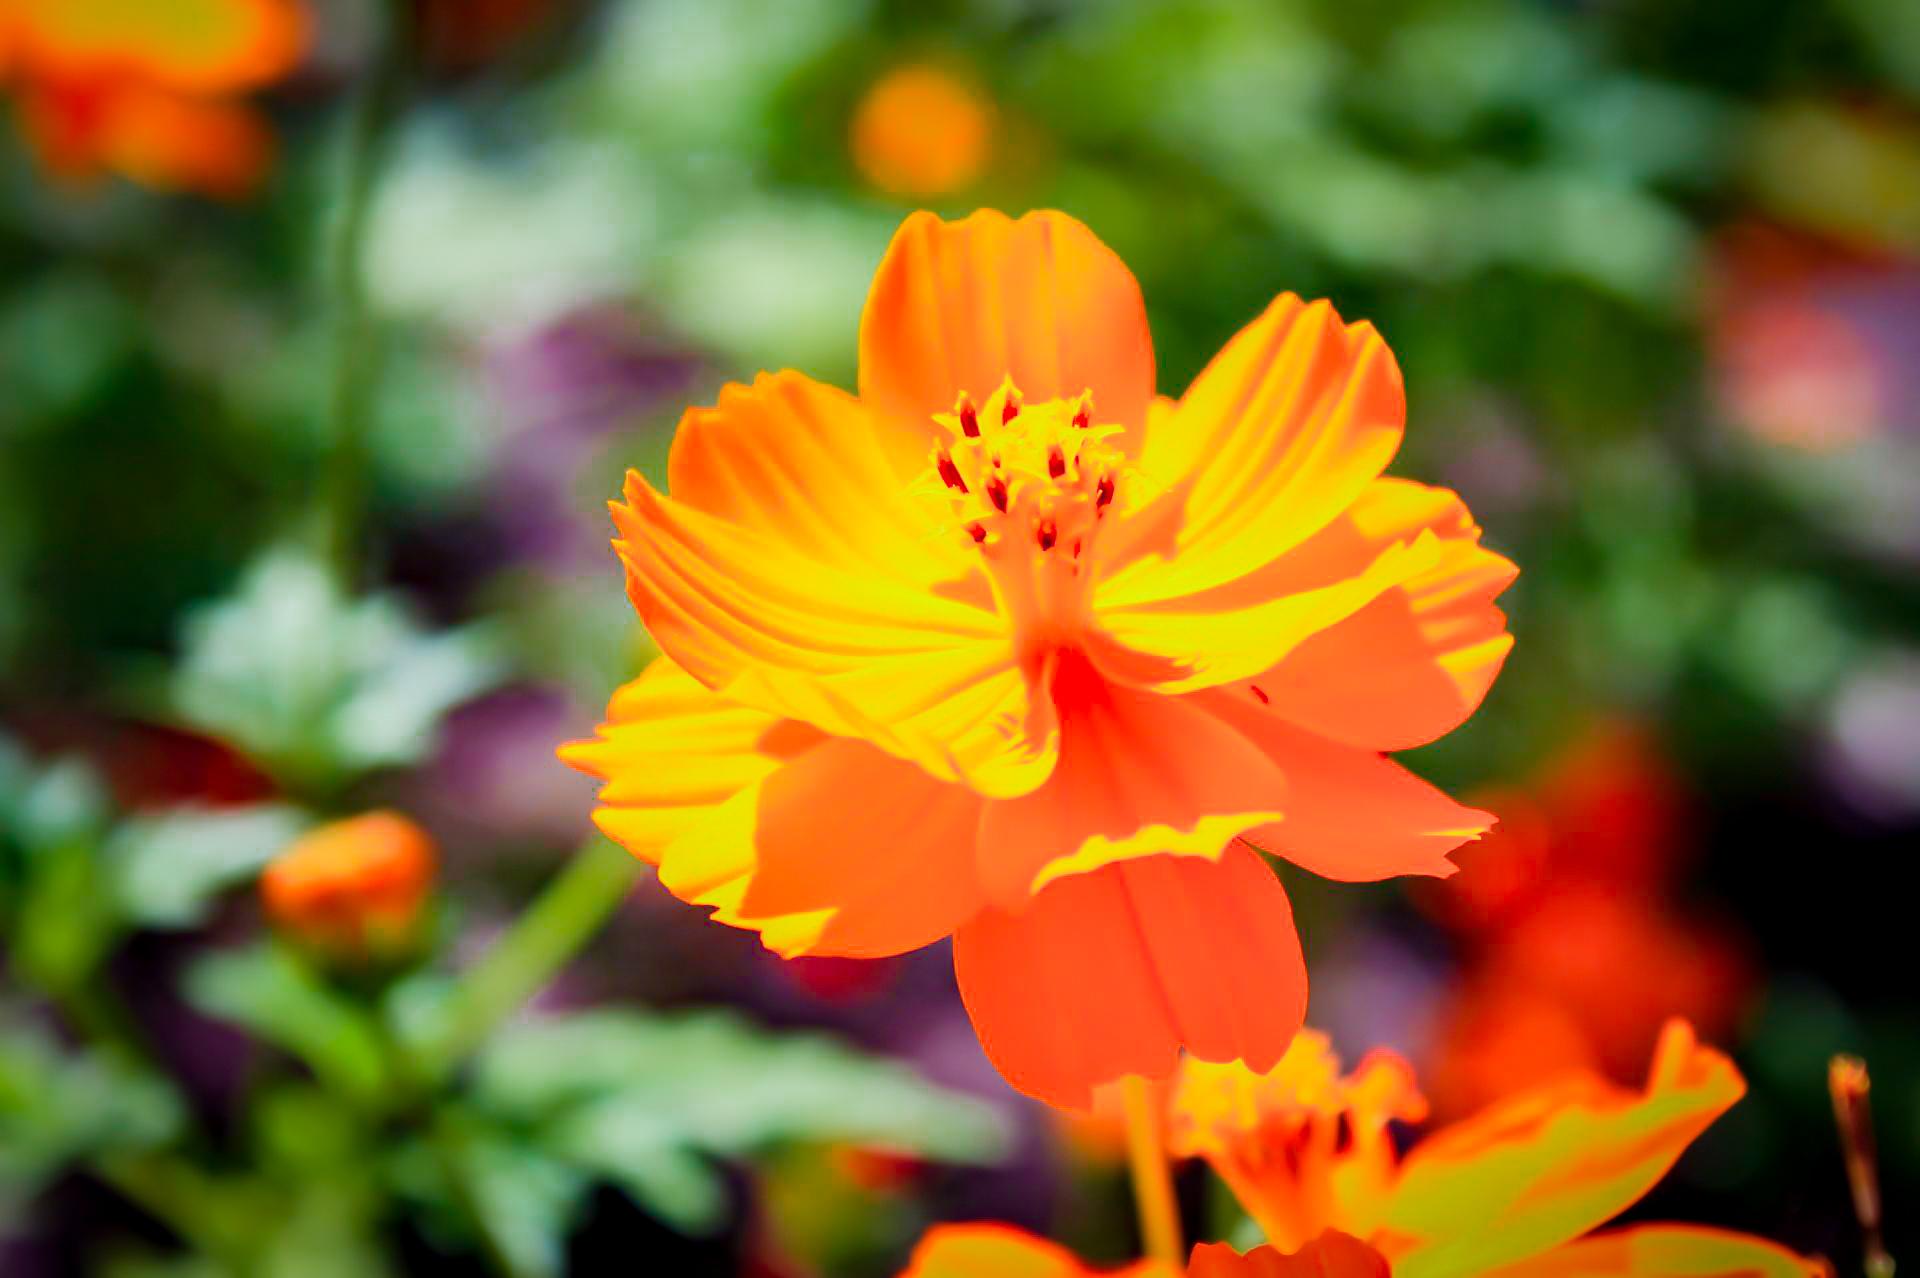 オレンジ色をした黄花コスモス